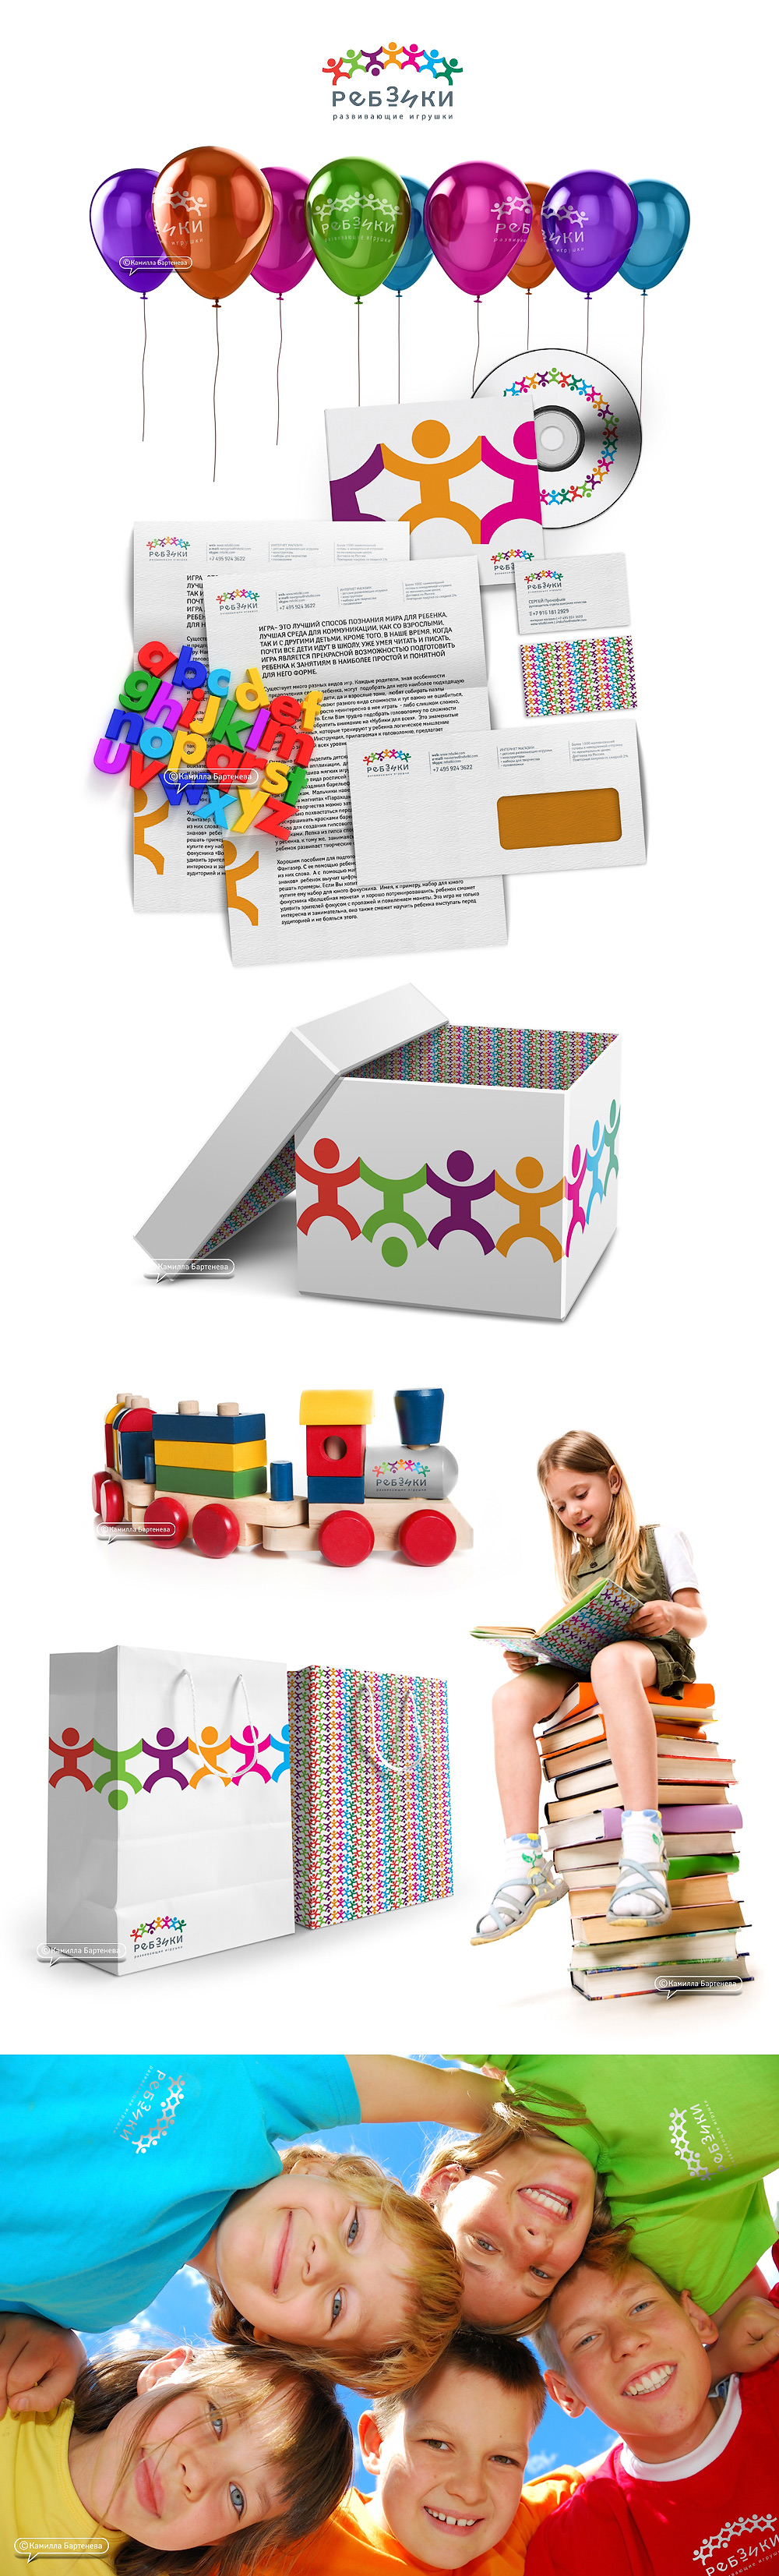 Ребзики. Развивающие игрушки для детей